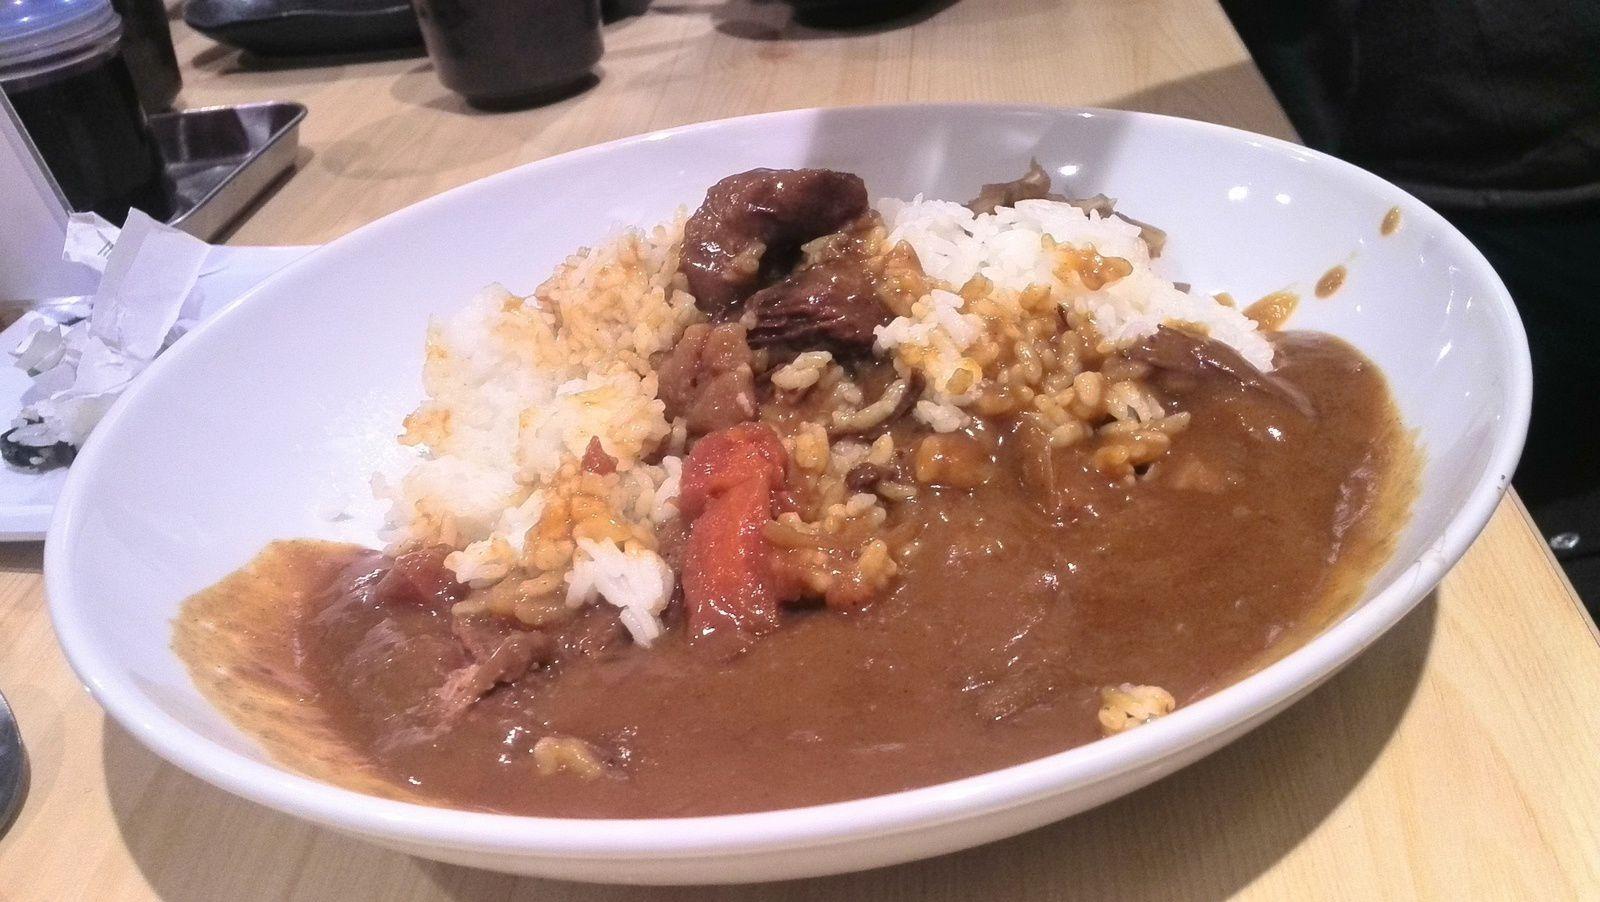 Petit exemple de Carry rice. Du riz au curry japonais au boeuf en l'occurrence. Le curry japonais étant très différent de ses cousins du Sud de l'Asie, je vous recommande d'en goûter un à l'occasion.  Quantité normale.